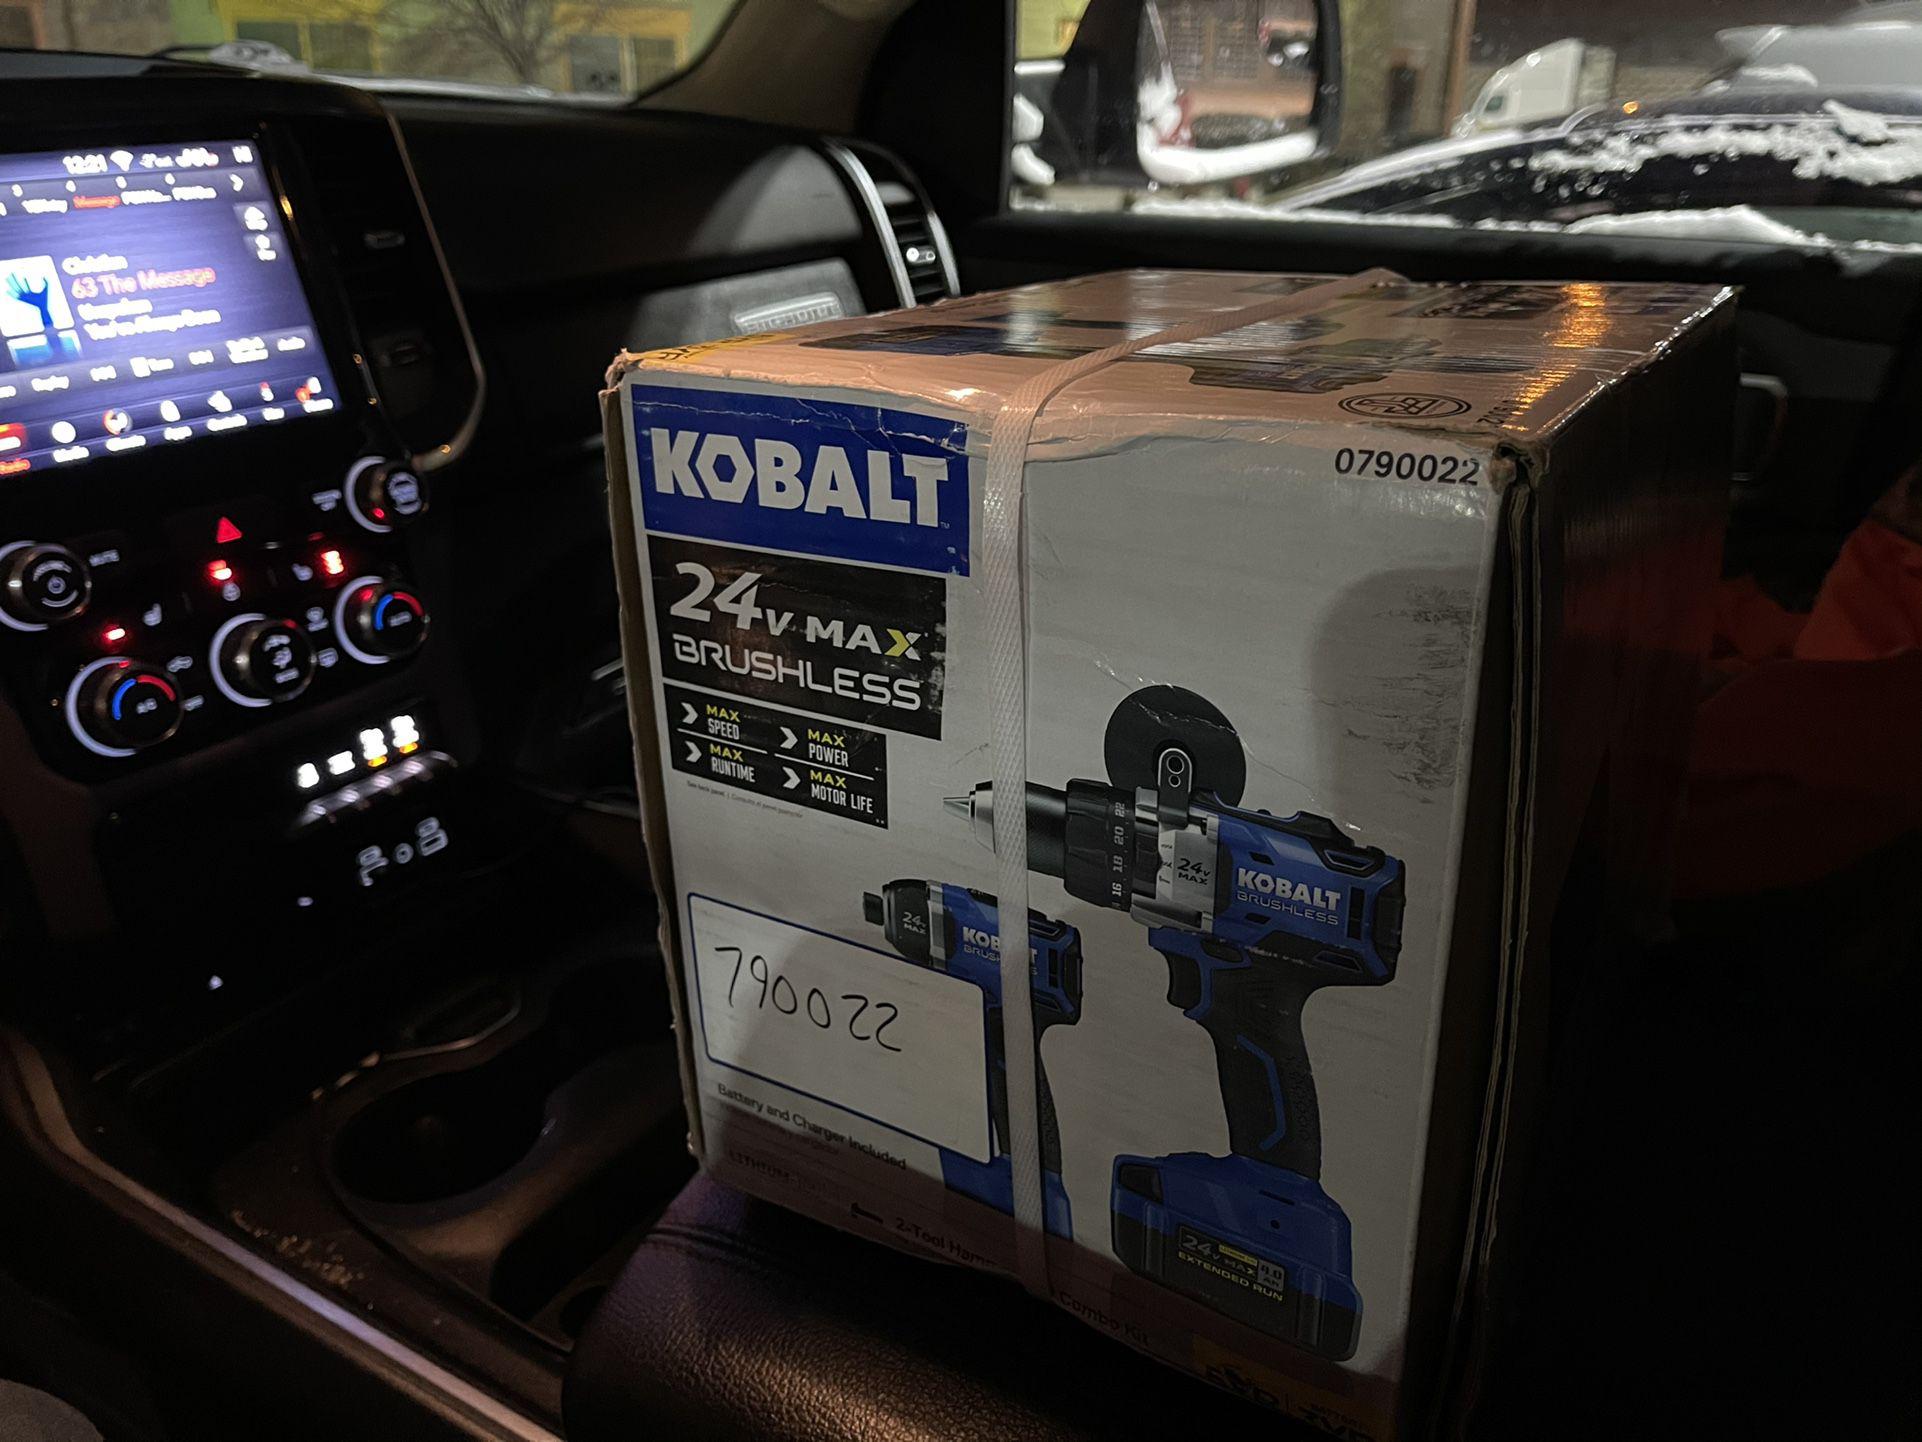 NEW 24v Kobalt Hammer Drill & Impact Driver Cordless 4ah Battery